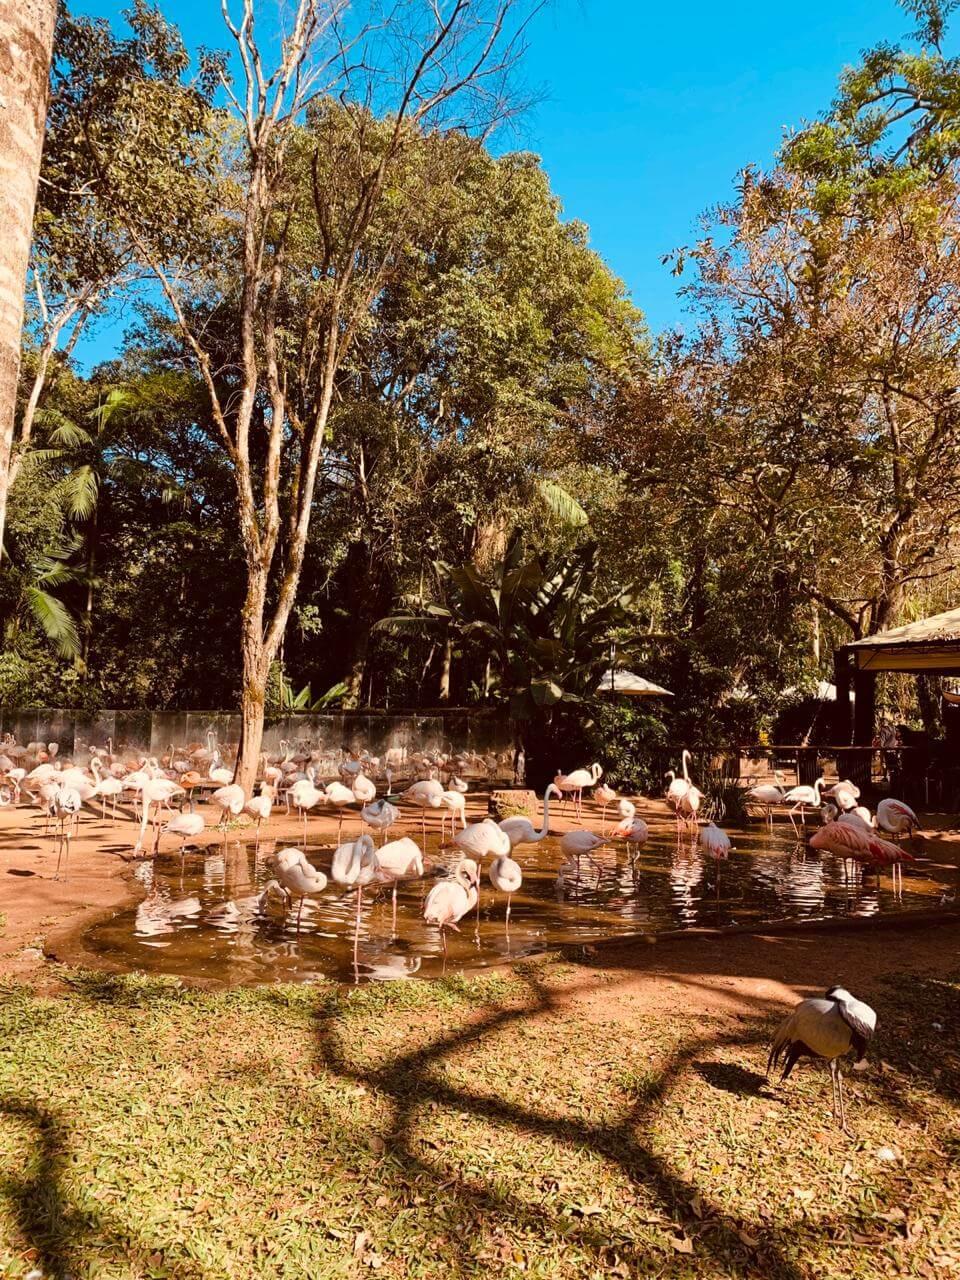 Flamingos do Parque das Aves em Foz do Iguaçu.